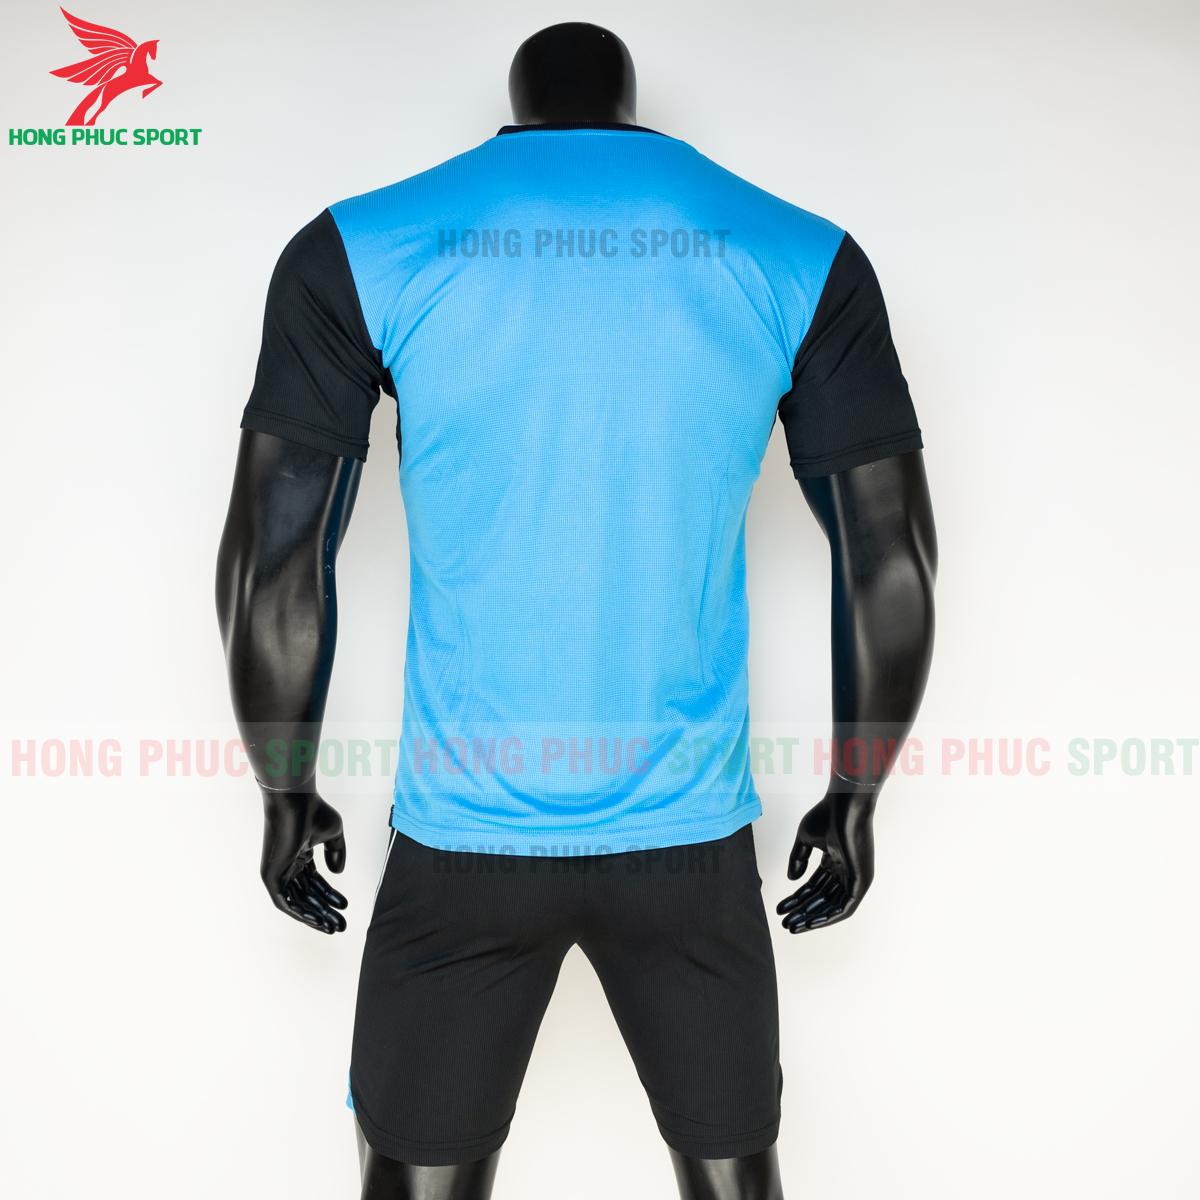 Quần áo bóng chuyền Jordan 2020 mẫu 2 (sau)